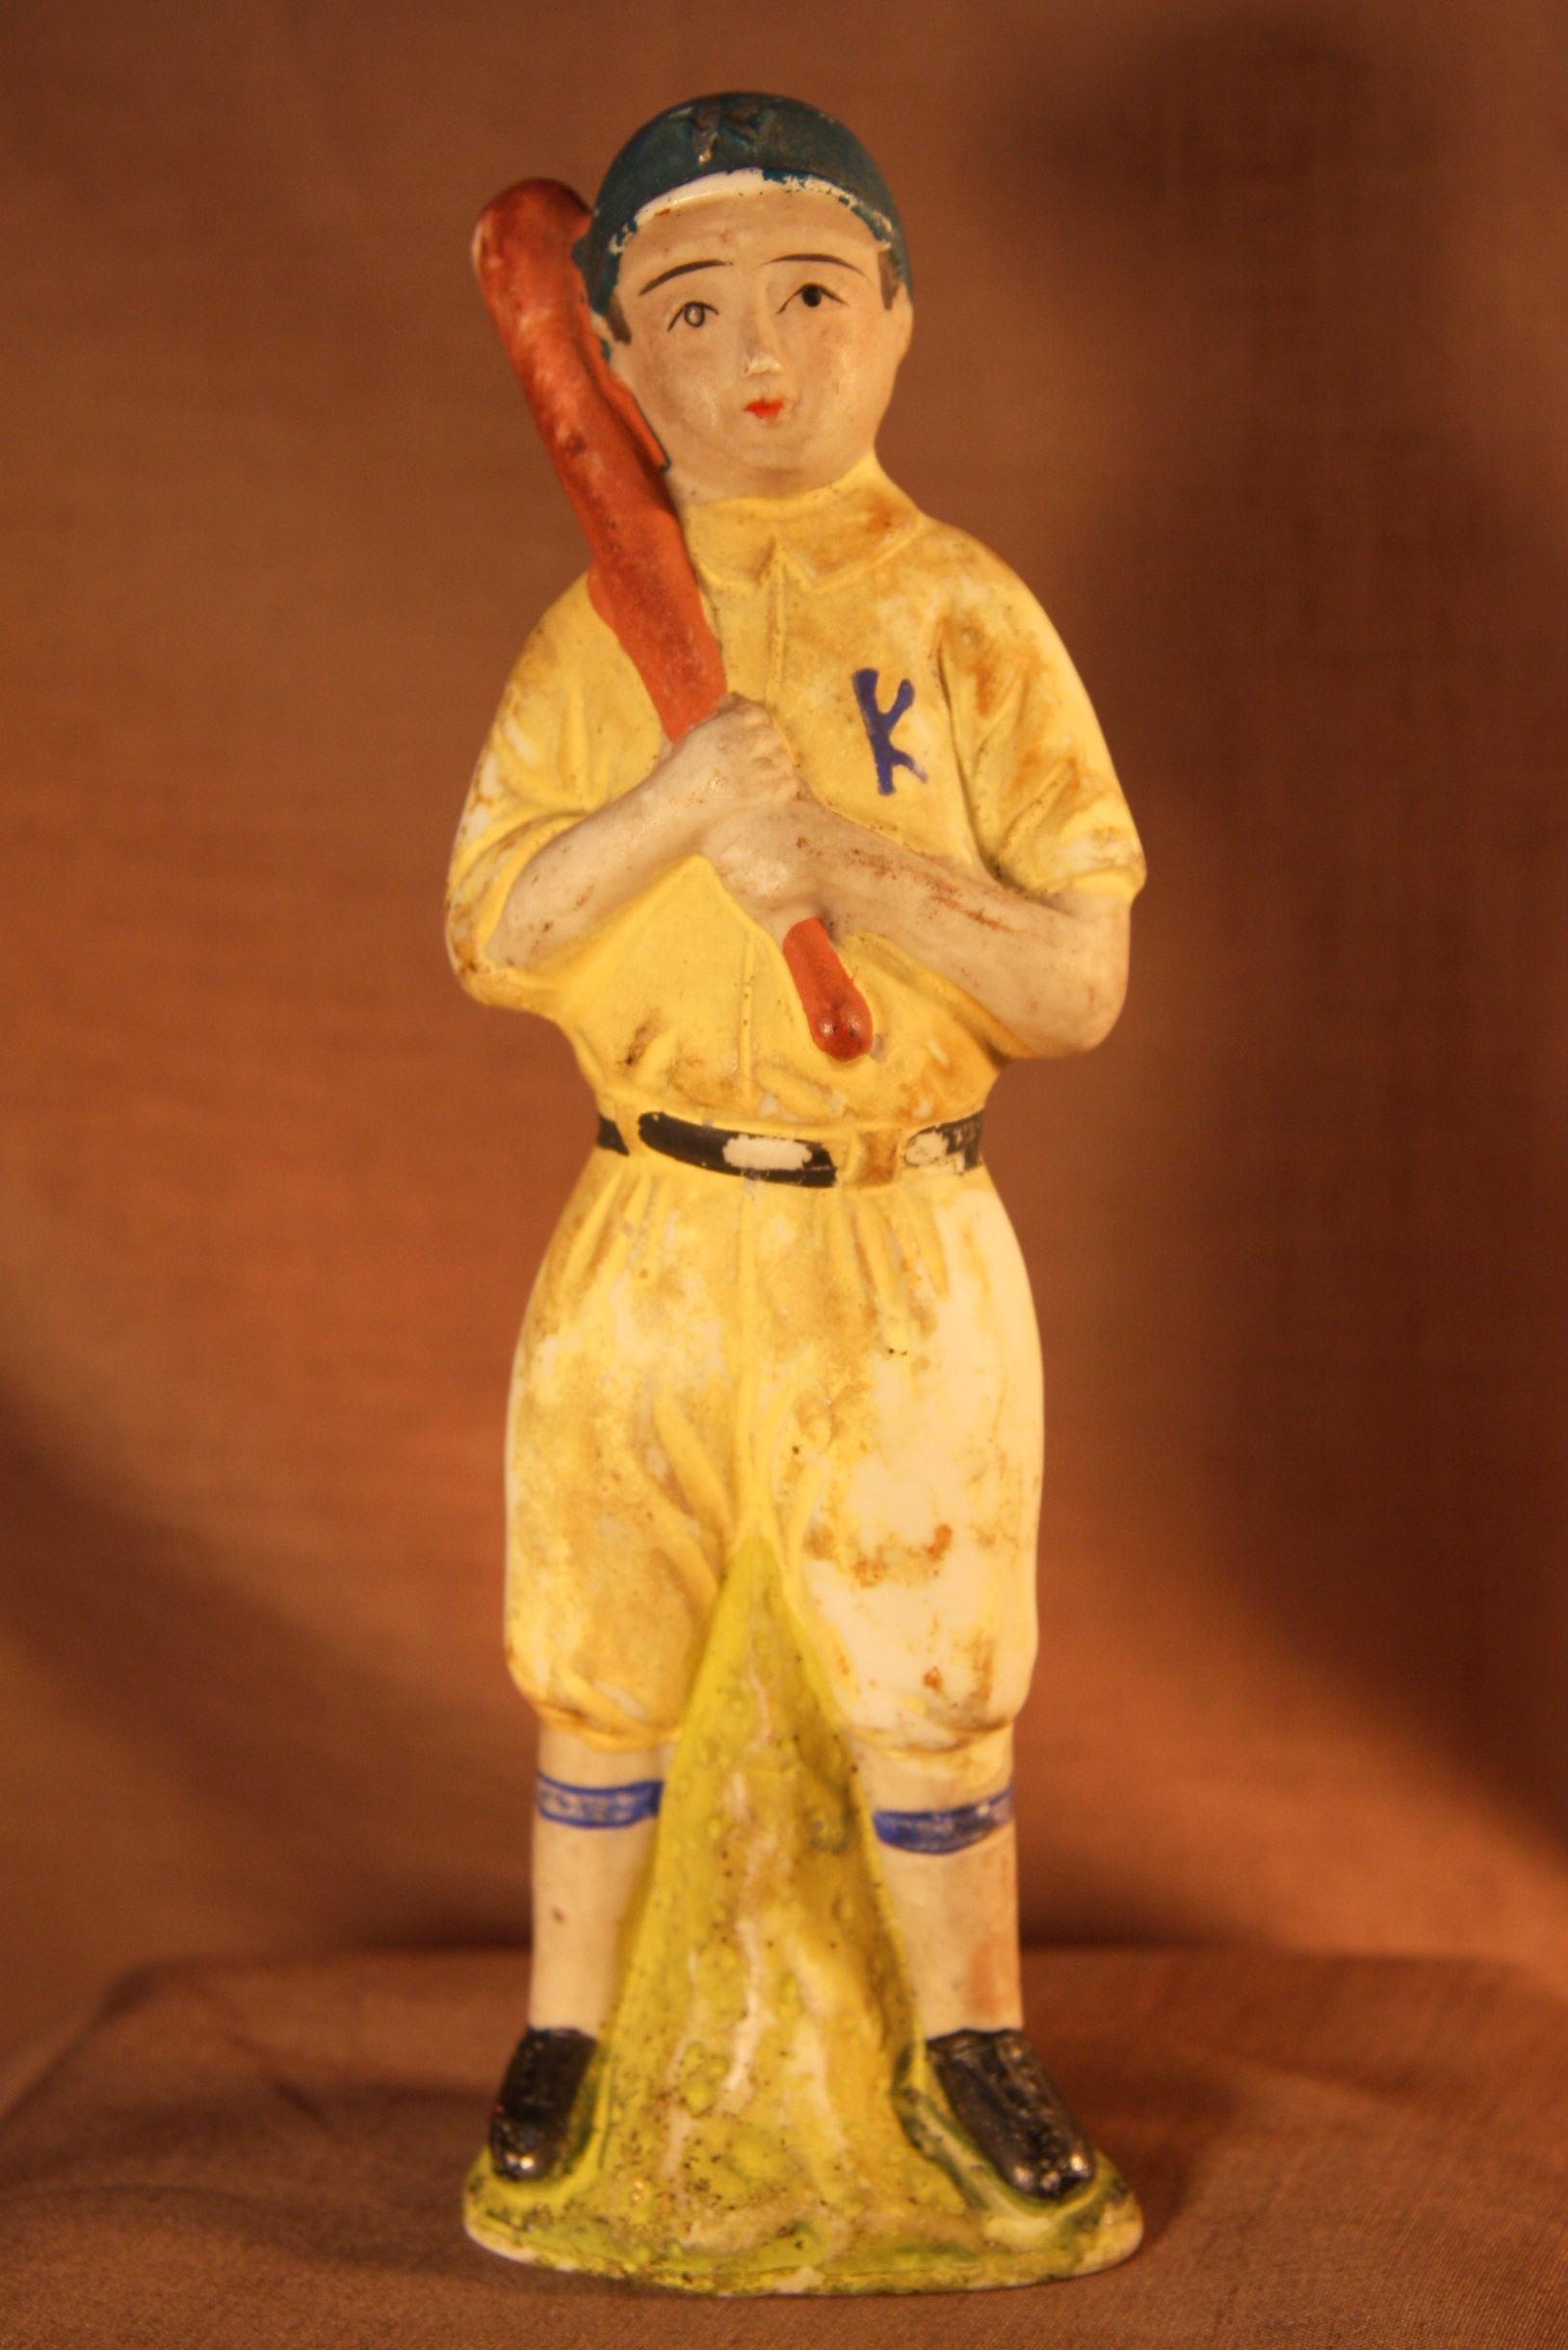 昭和初期 野球 陶器製 人形 14.5cm 90g 当時物 現状 詳細不明 【TO1936】